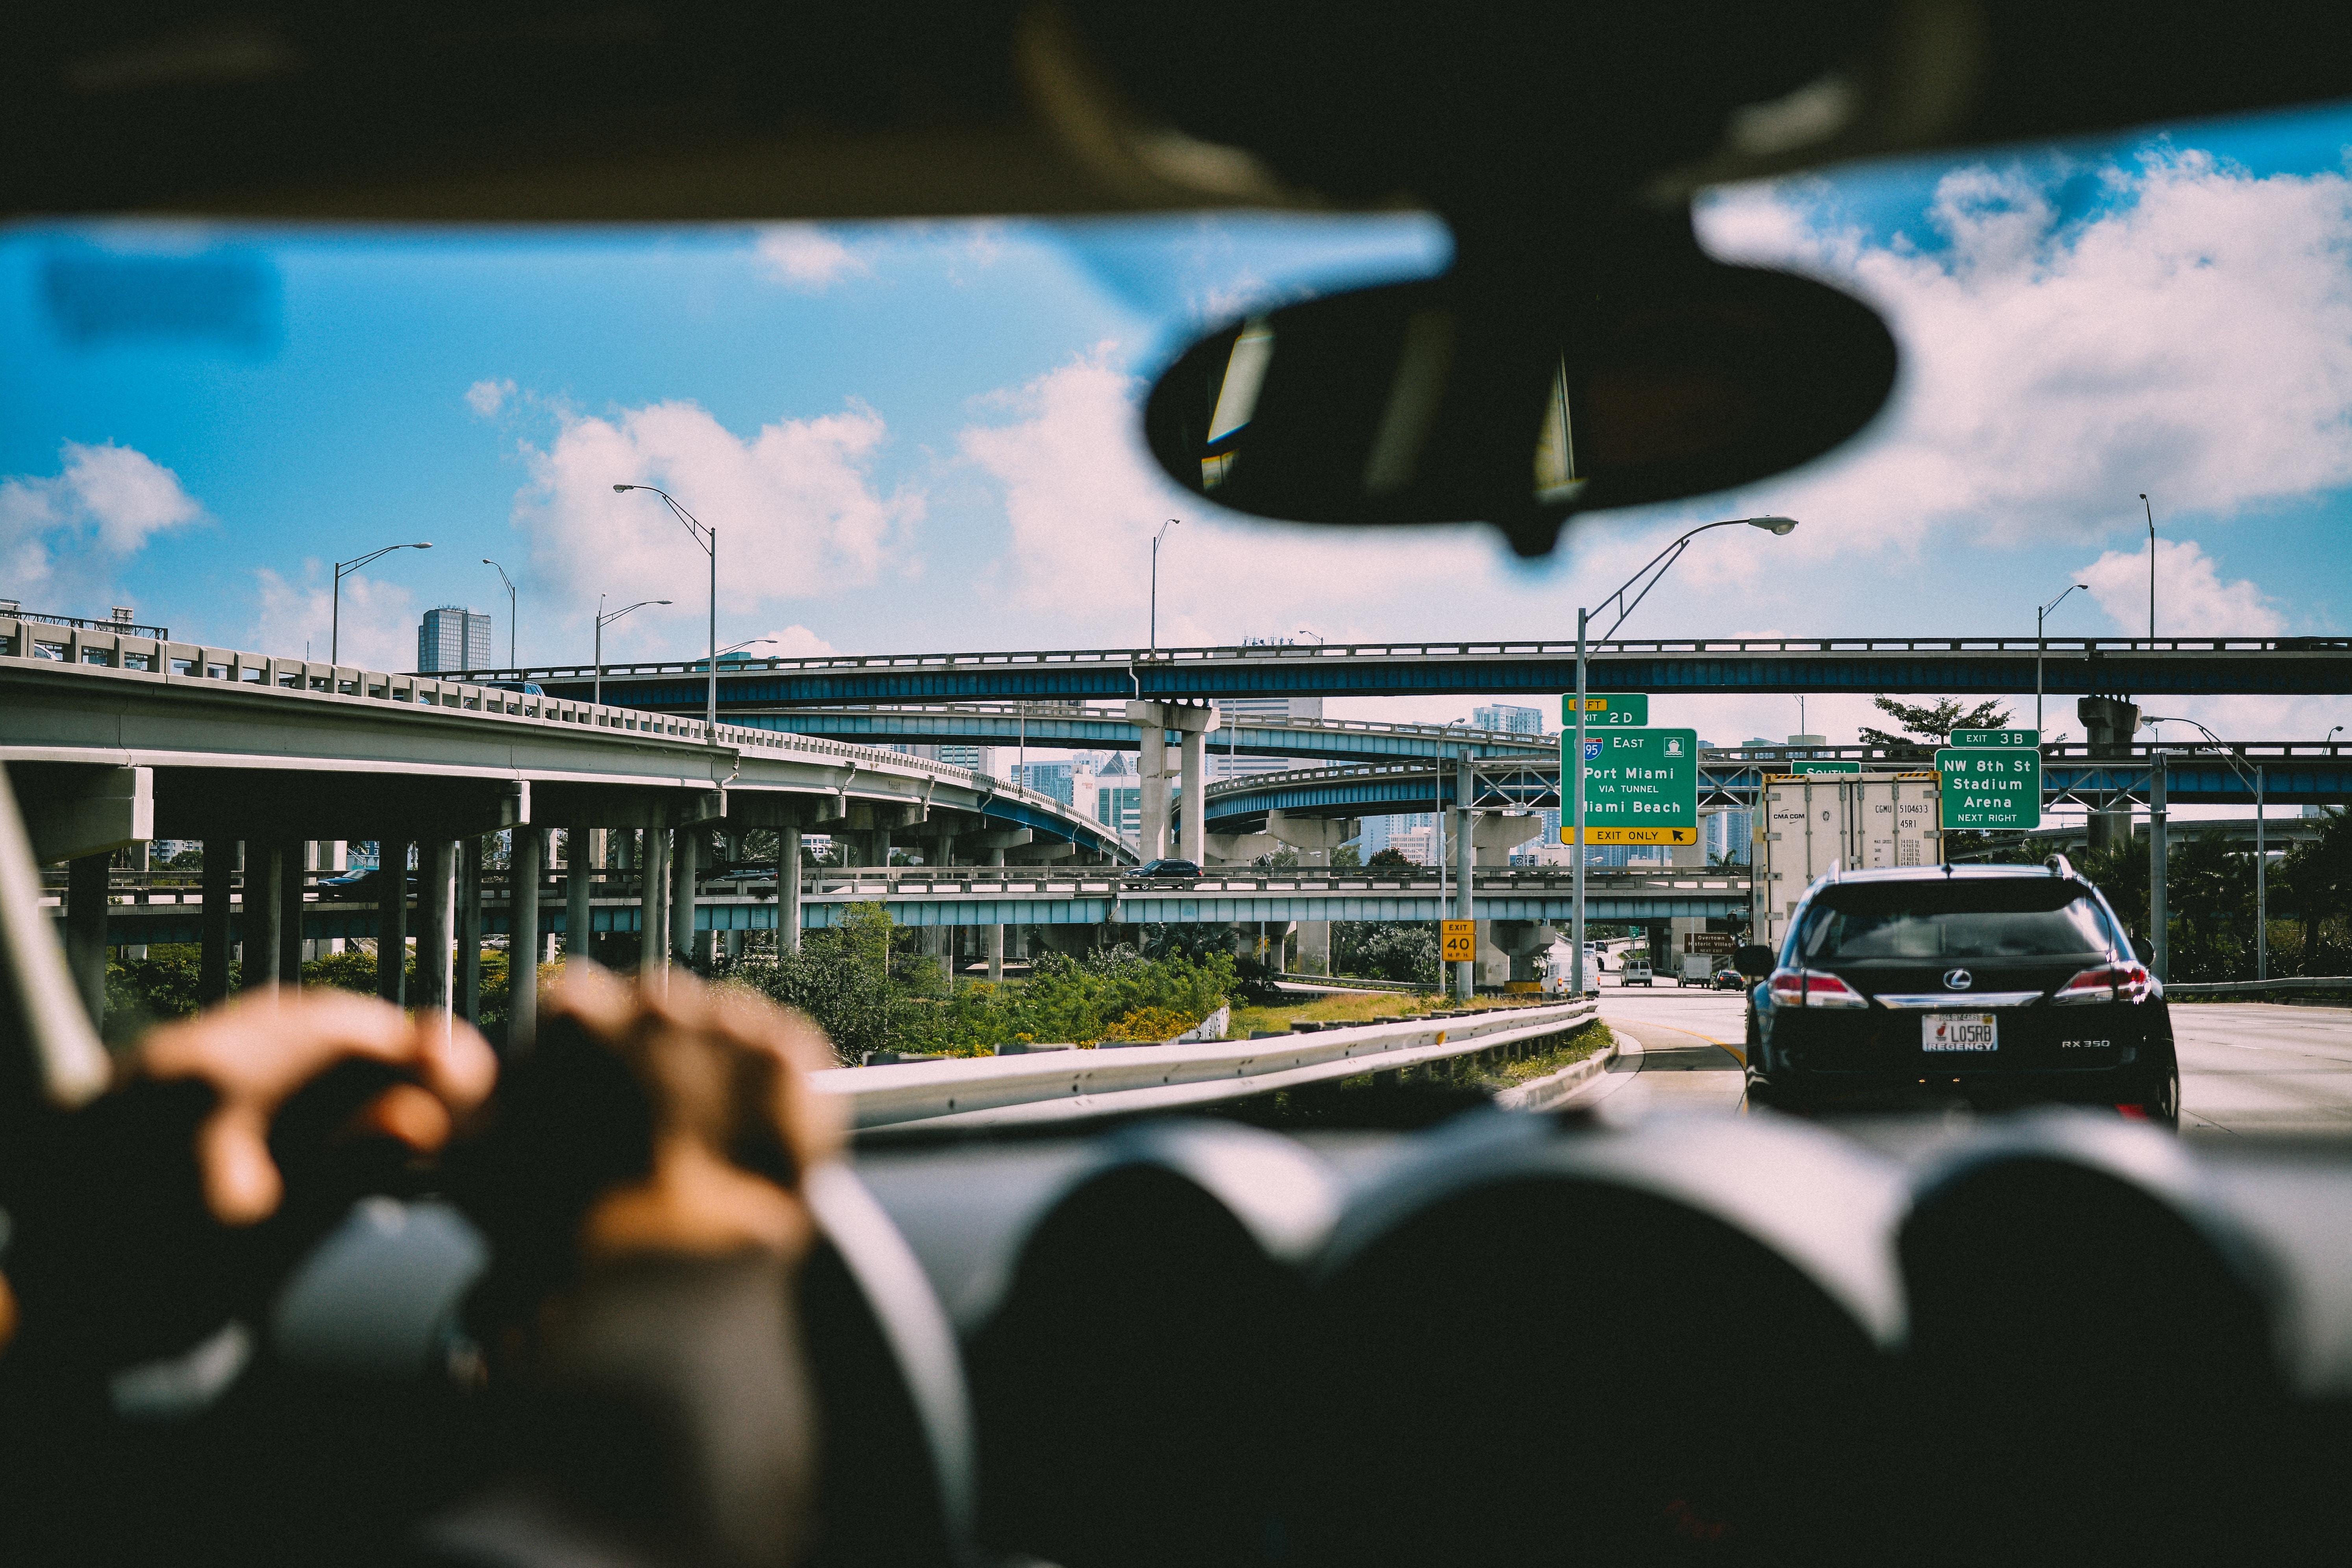 commute-gas-emissions-toll-pricing-carpooling-slug-lines